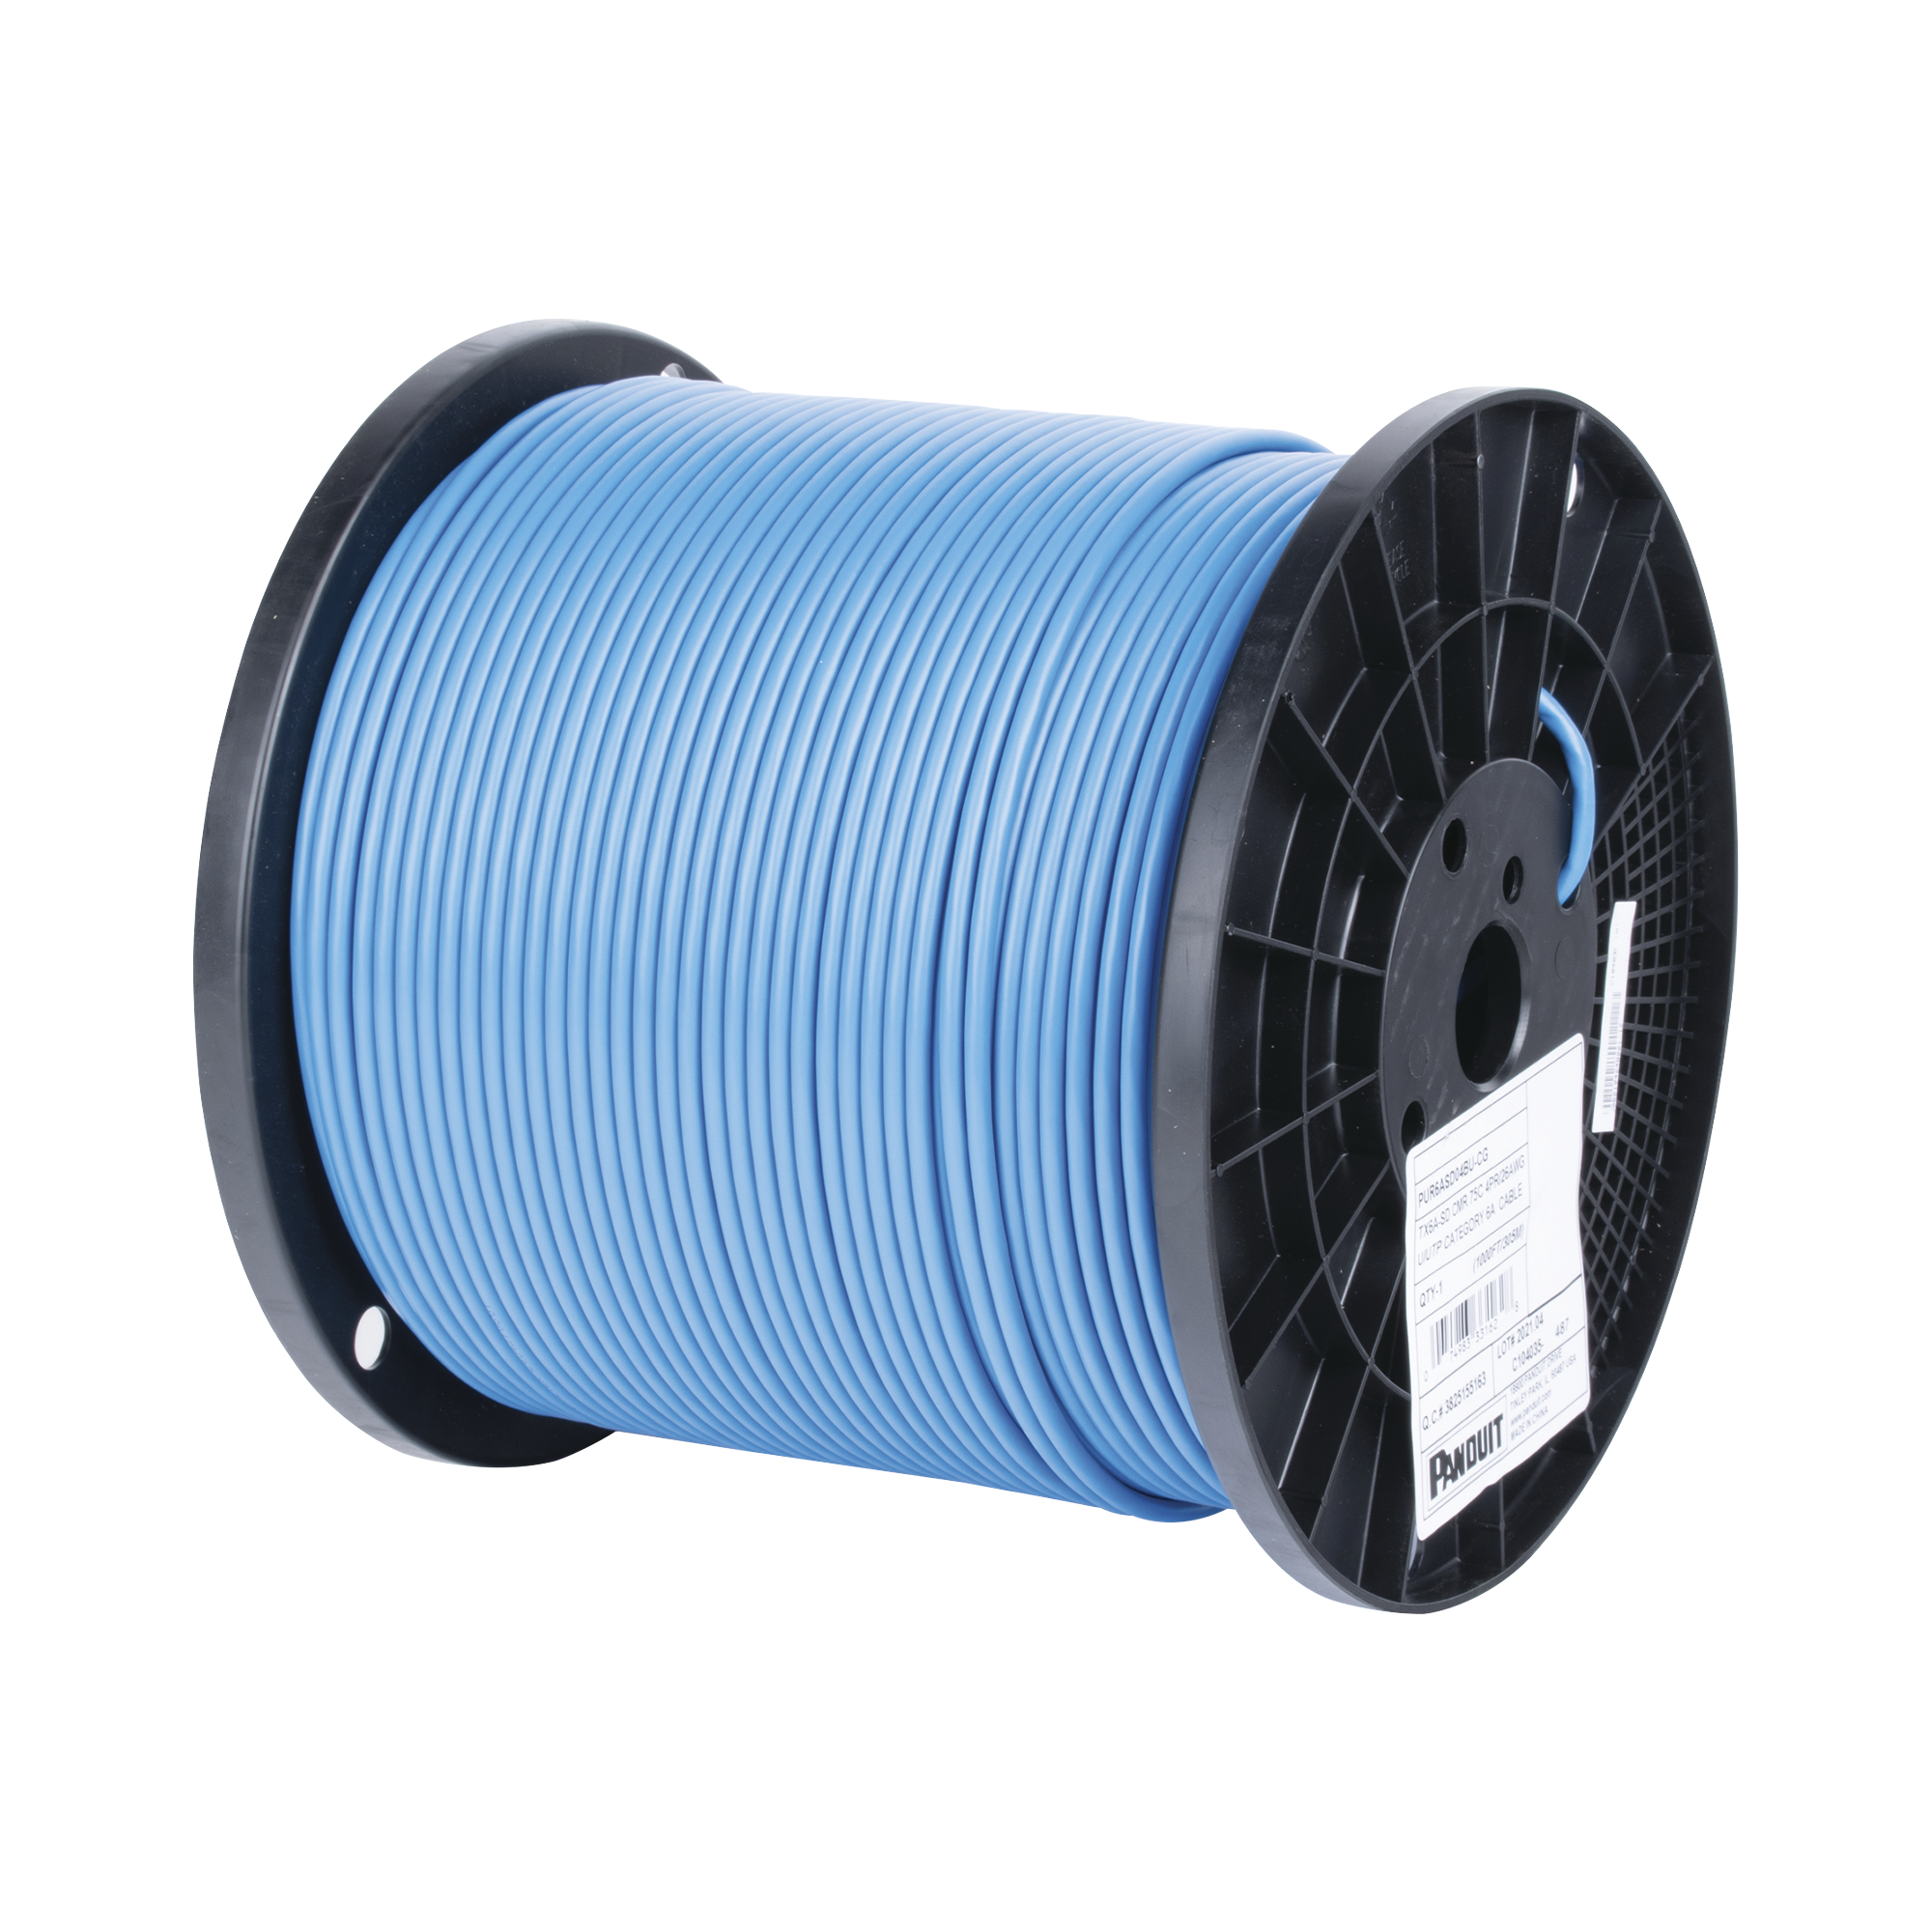 Bobina de Cable UTP de 4 Pares, MaTriX, Cat6A, 26 AWG, CMR (Riser), Color Azul, 305m